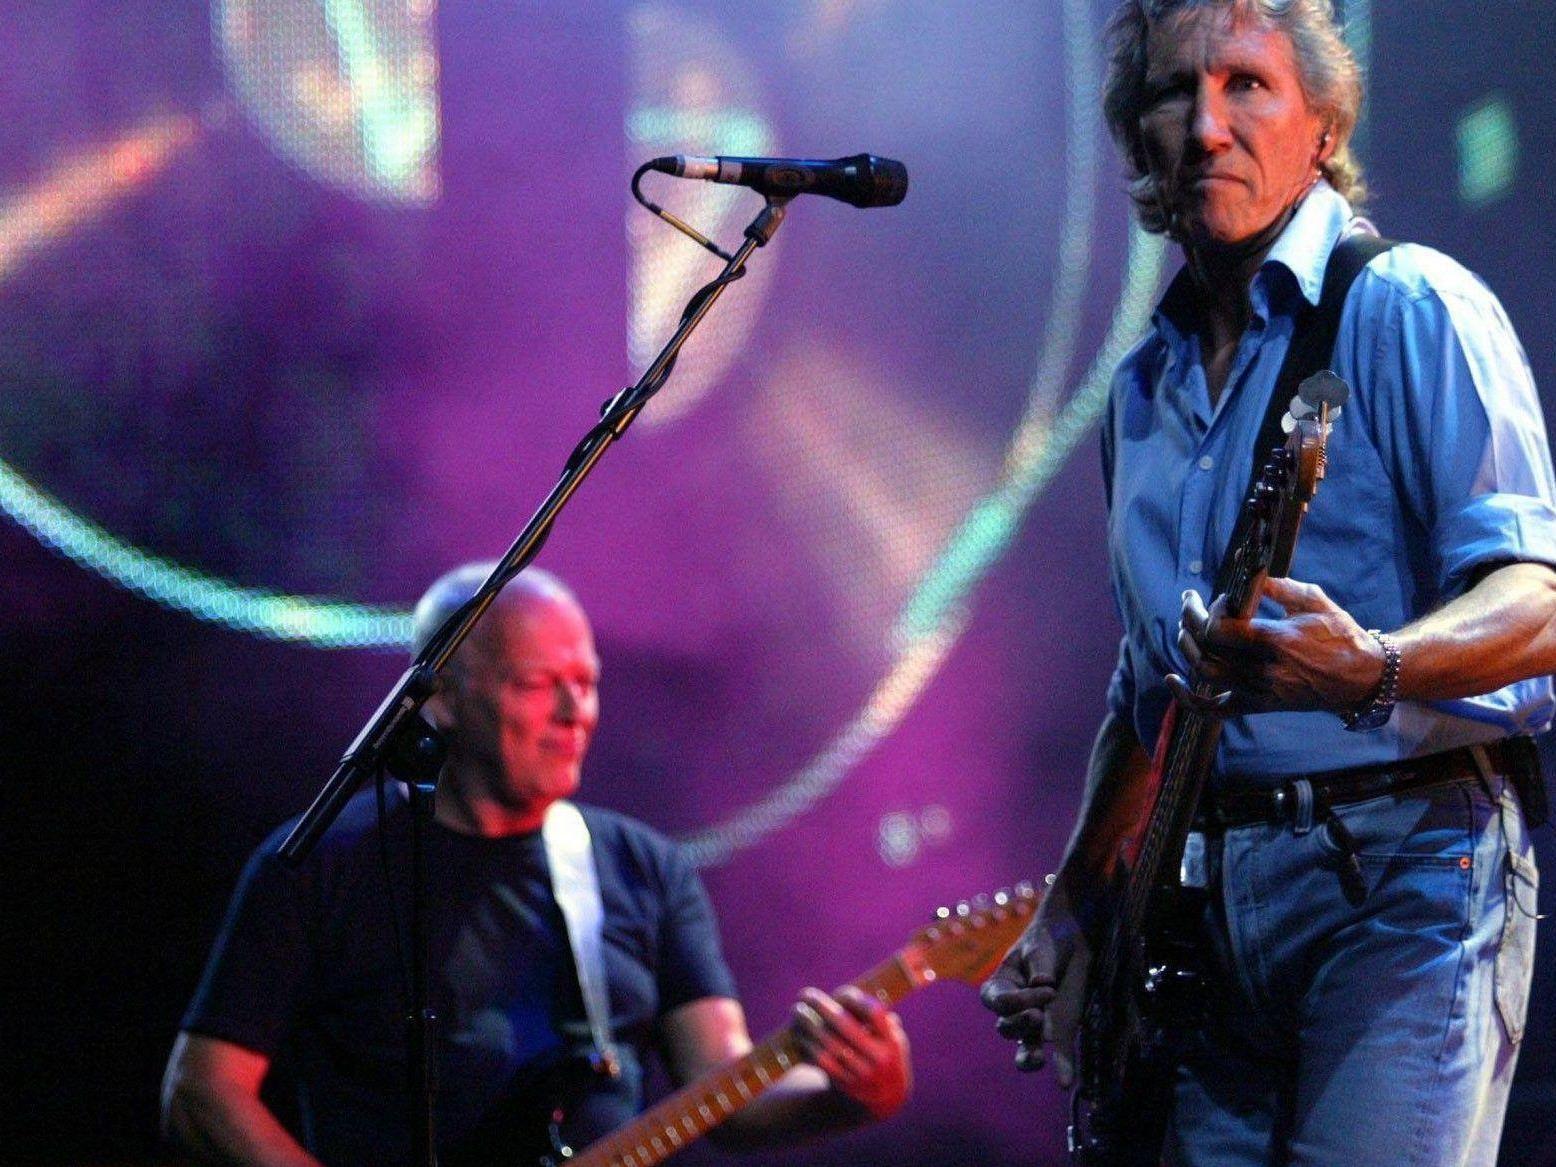 Ehemaliger Pink Floyd-Bassist Roger Waters bei einem Konzert in London.